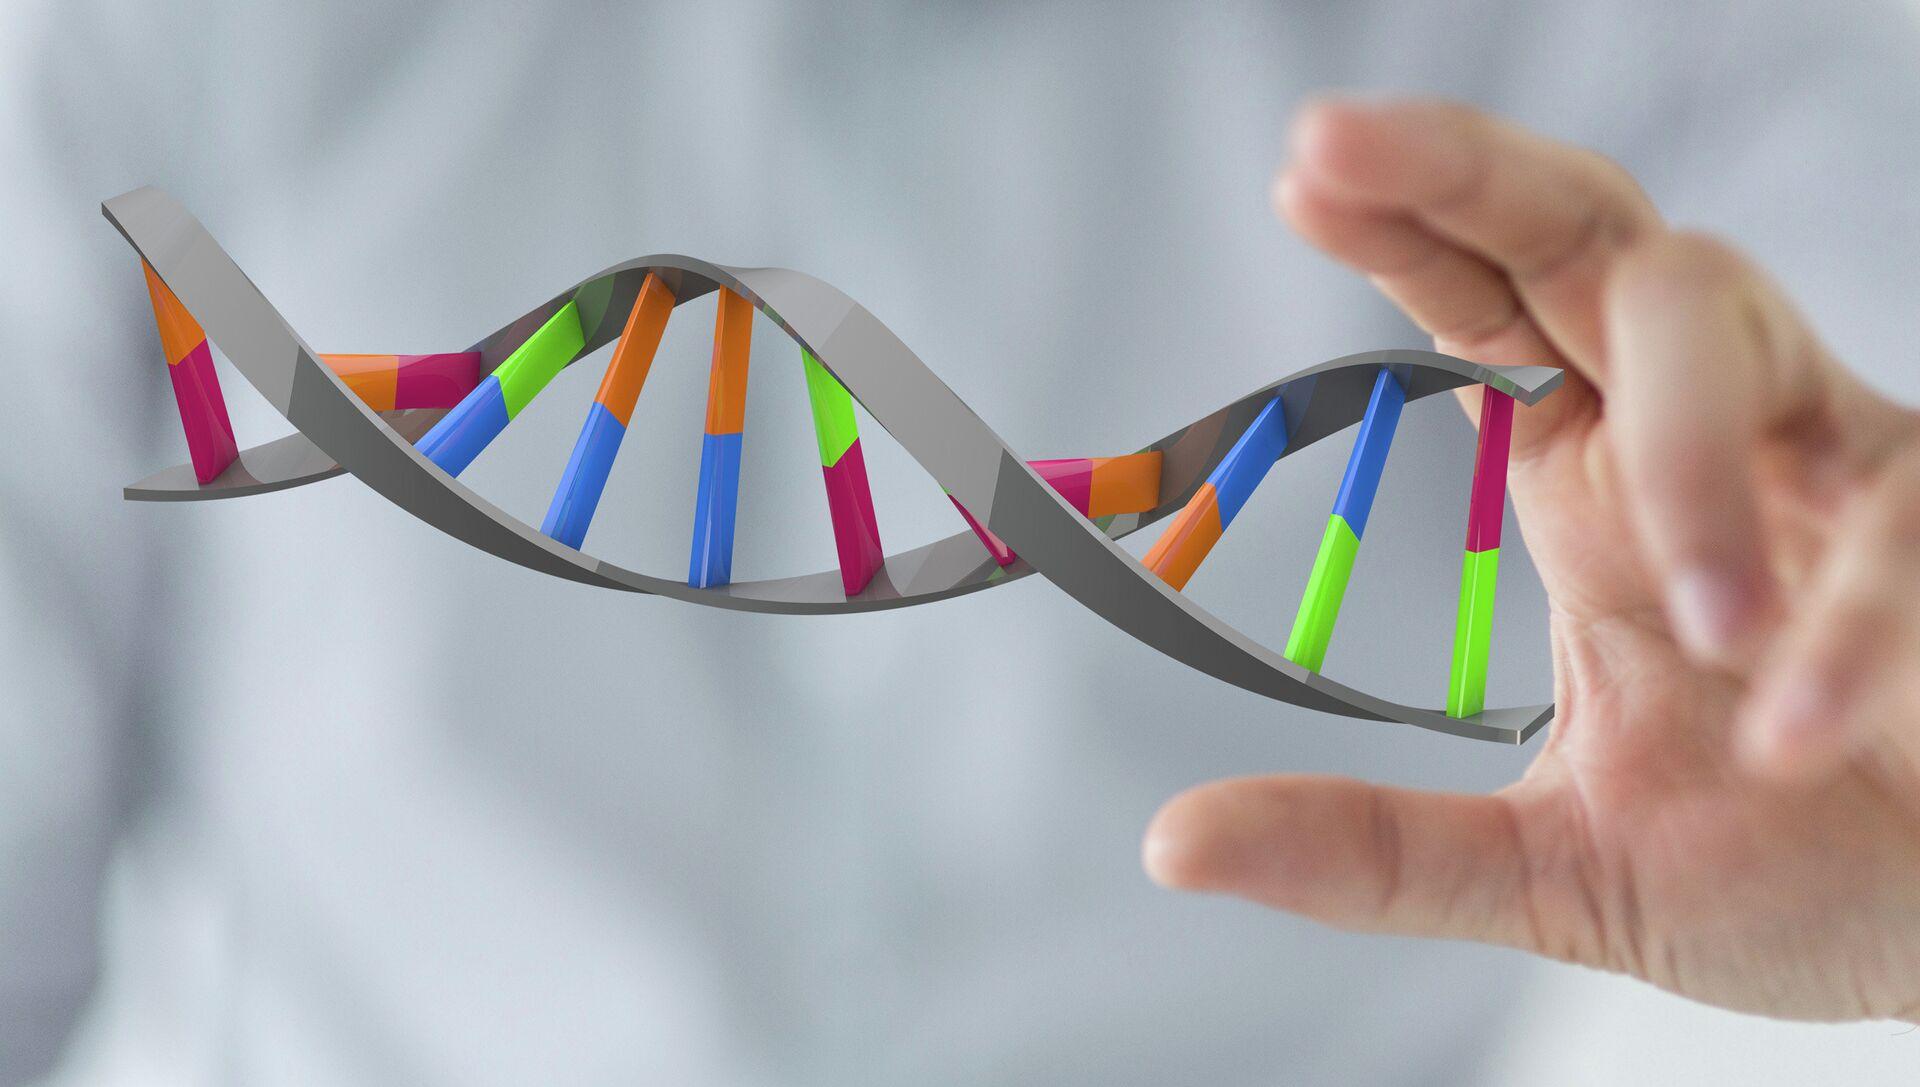 Модель ДНК. Архивное фото. - РИА Новости, 1920, 25.11.2014